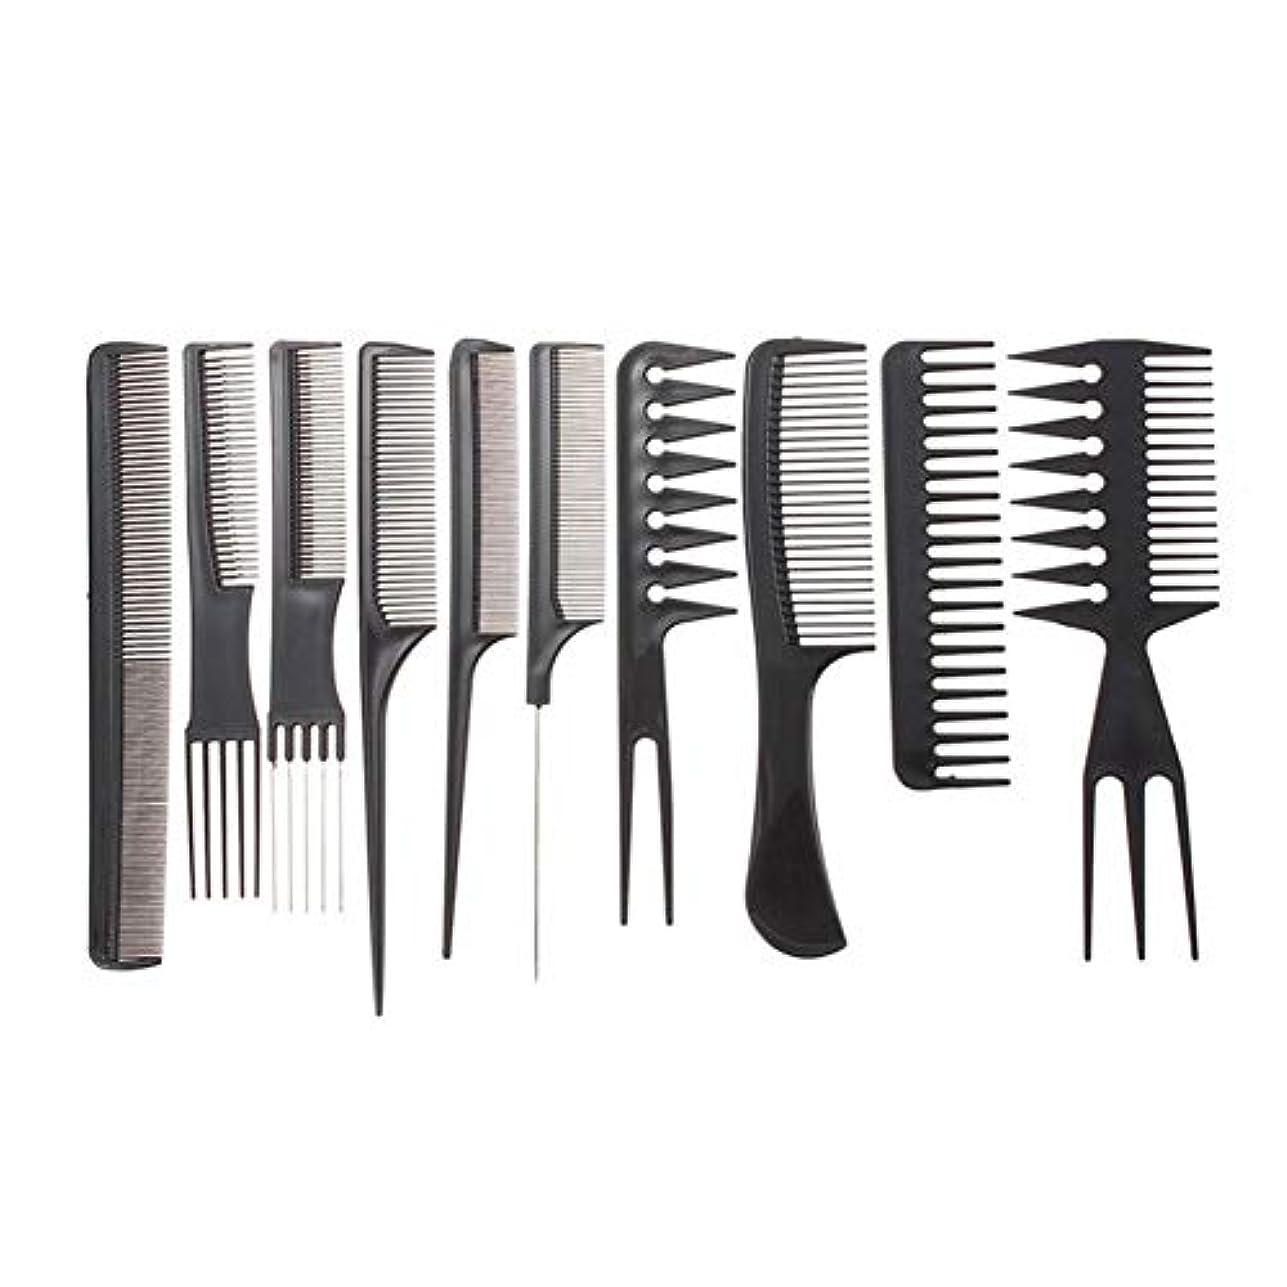 機転上がる乗って黒い髪のすべてのタイプのために設計された10看護プロのヘアスタイリストブラシコームヘアスタイリングツール